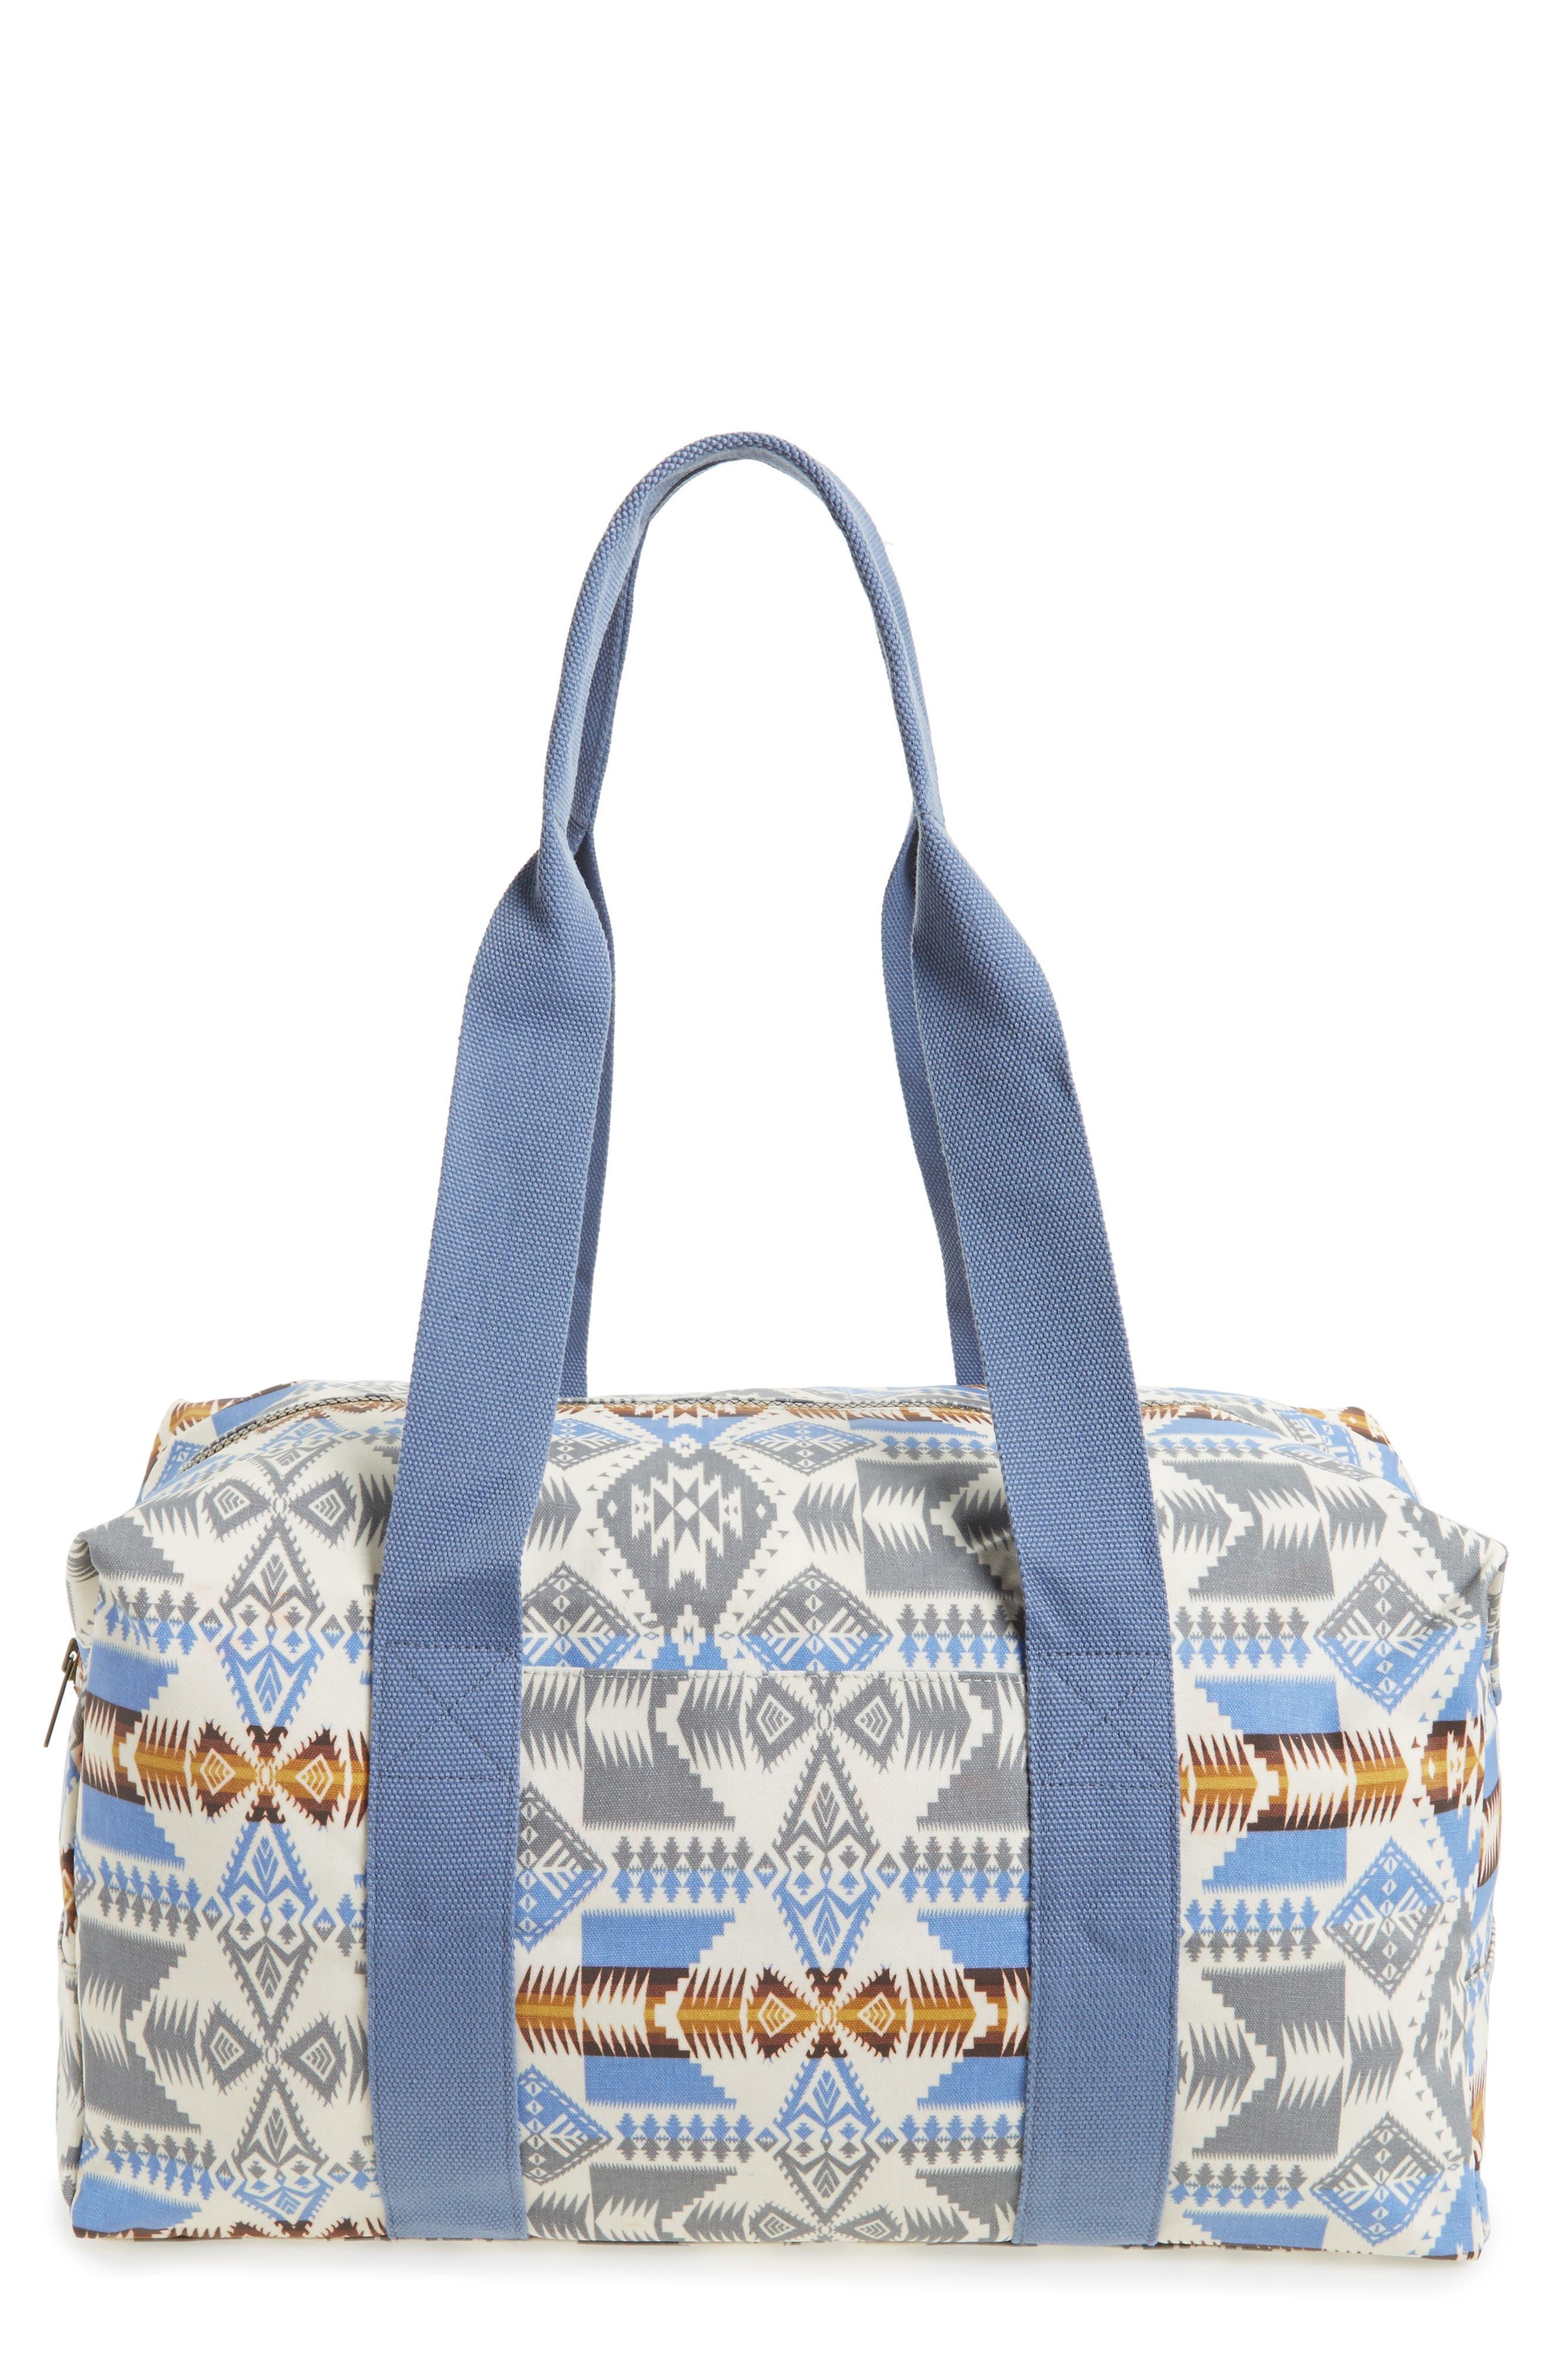 Canopy Duffel Bag,                             Main thumbnail 1, color,                             040